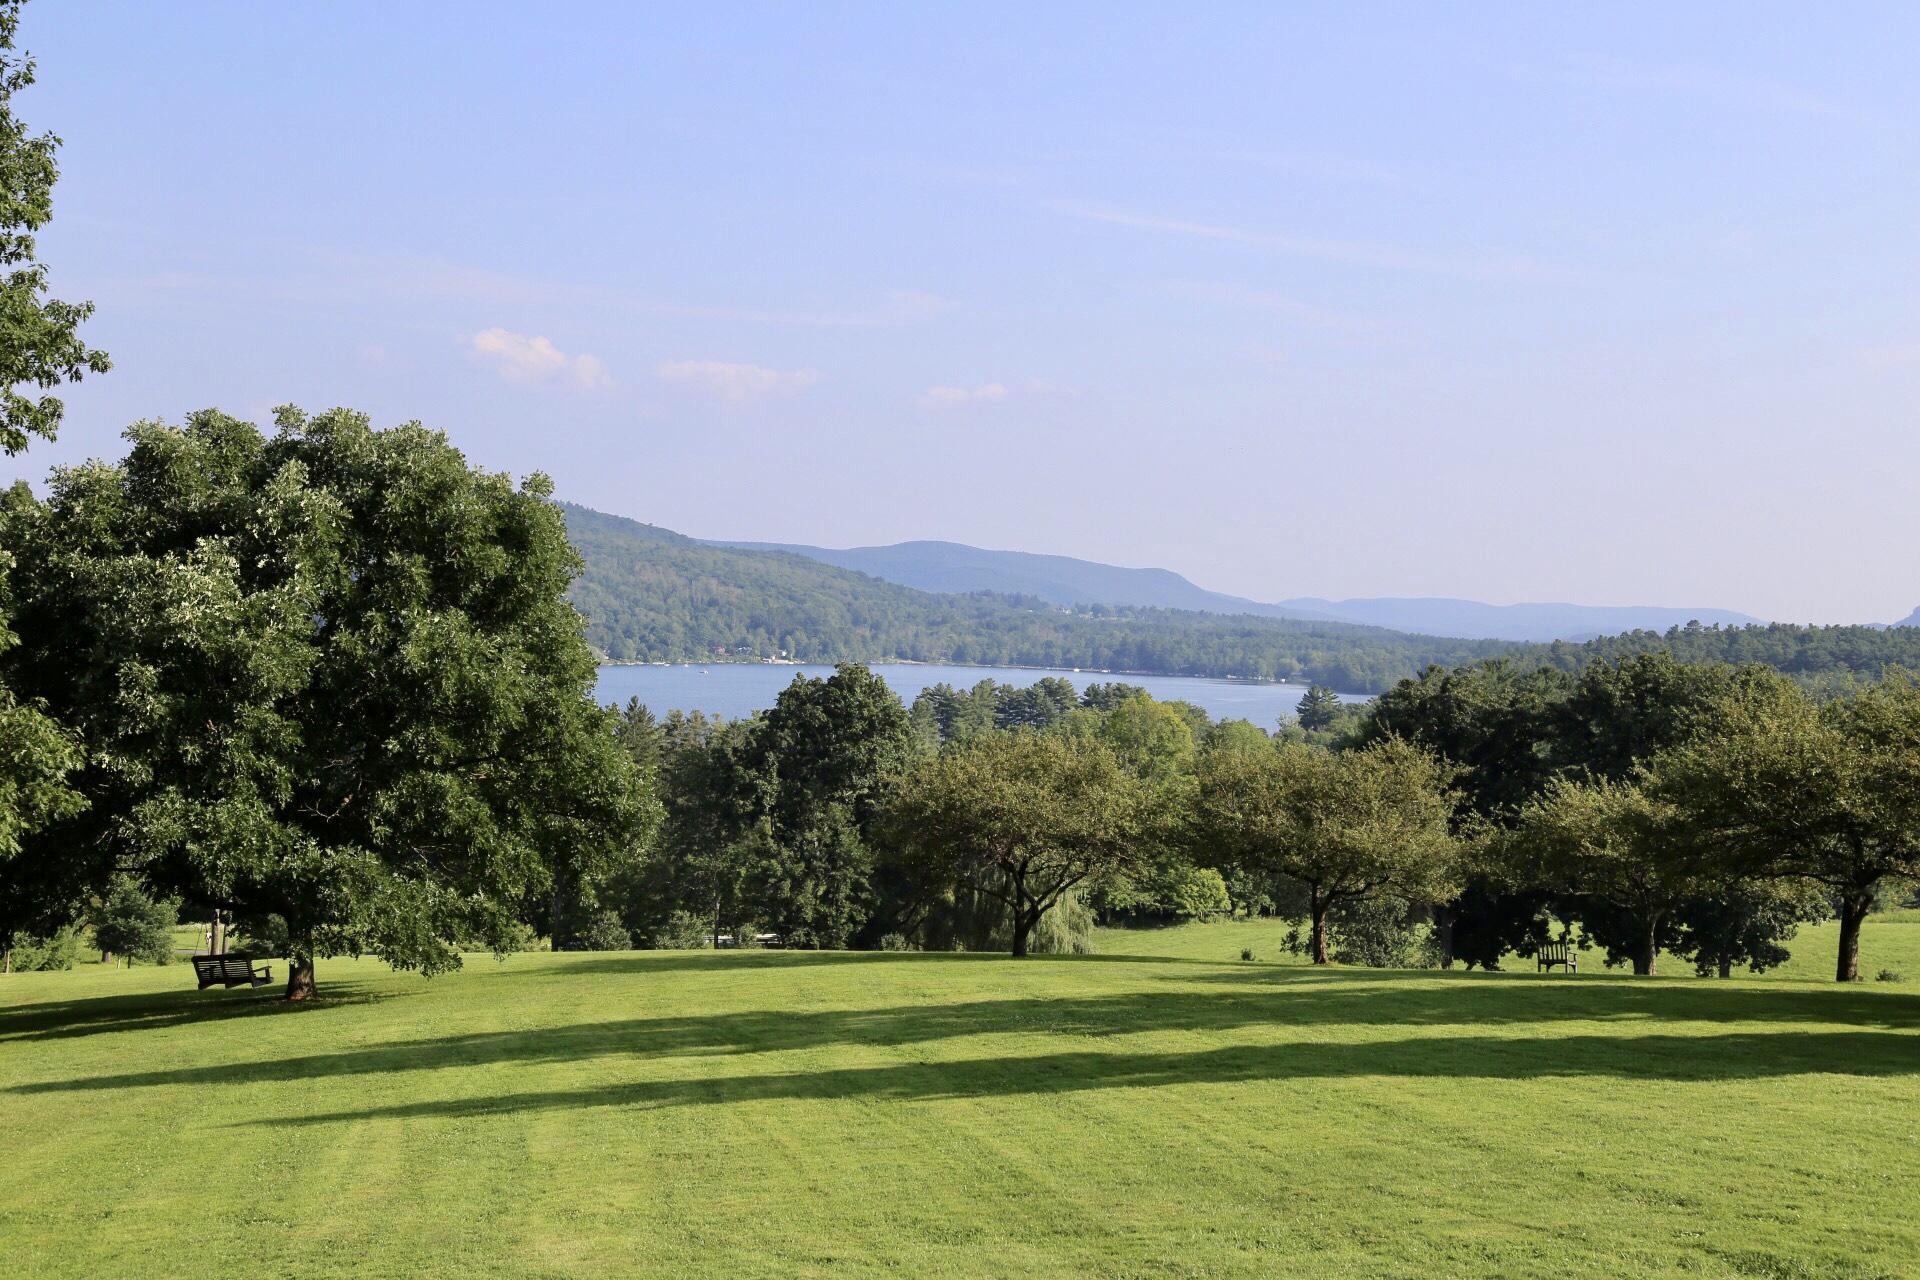 The beautiful scenery at Kripalu, Massachusetts, USA